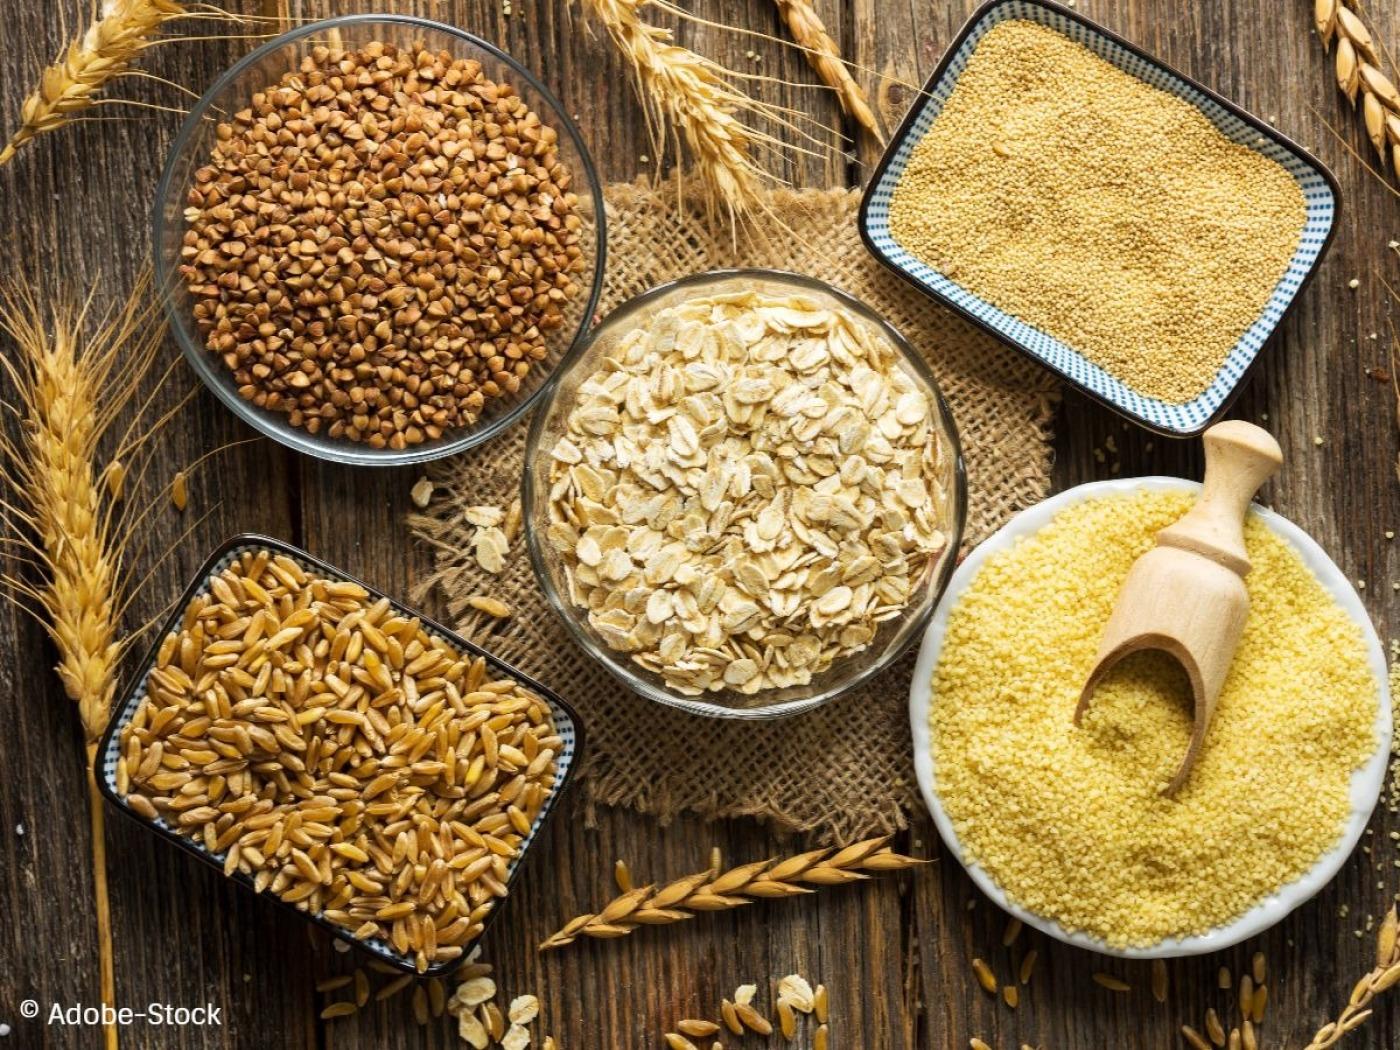 Tunisie-Béja: Une baisse de 30% de la production de céréales est attendue [Audio]